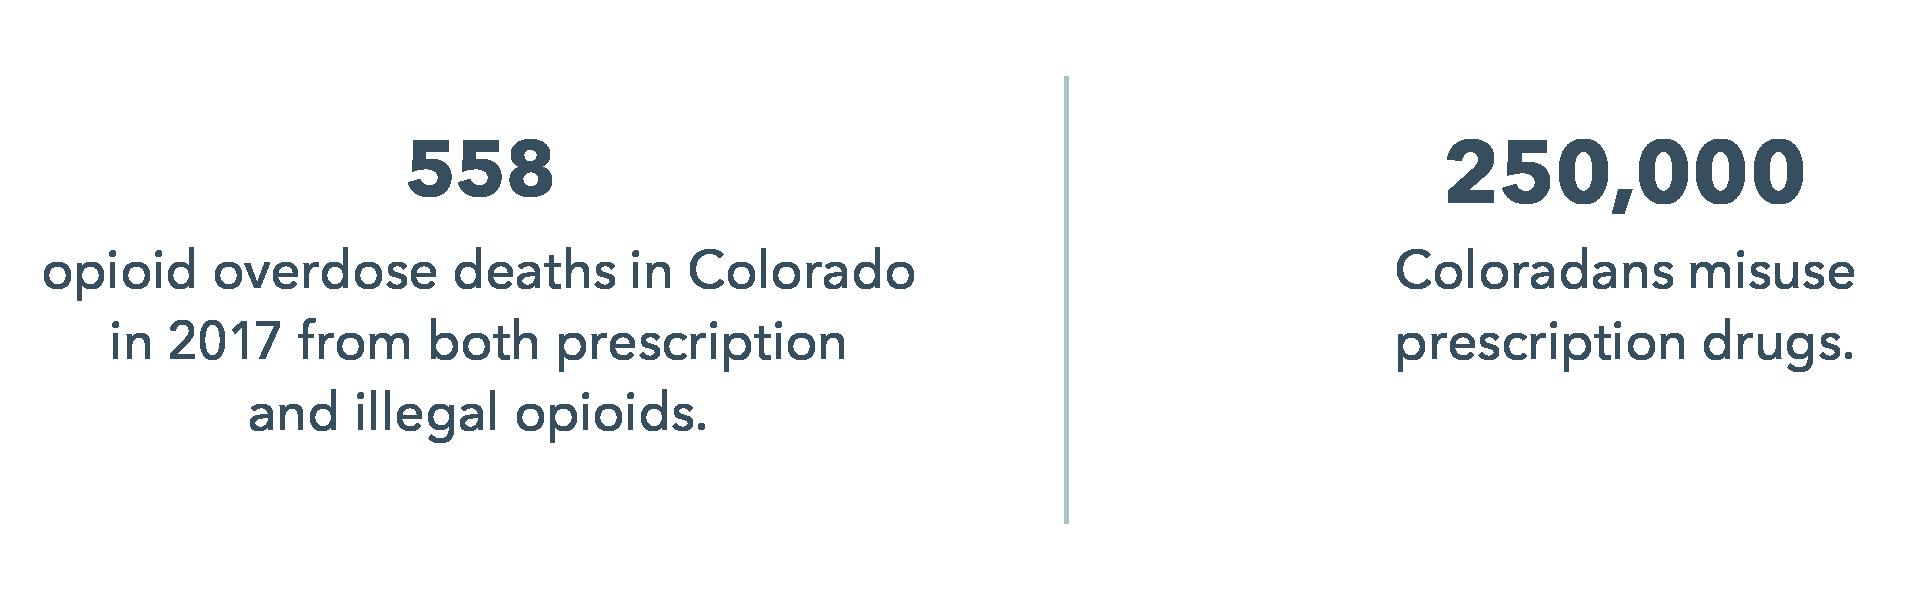 Colorado opioid stats   UCHealth